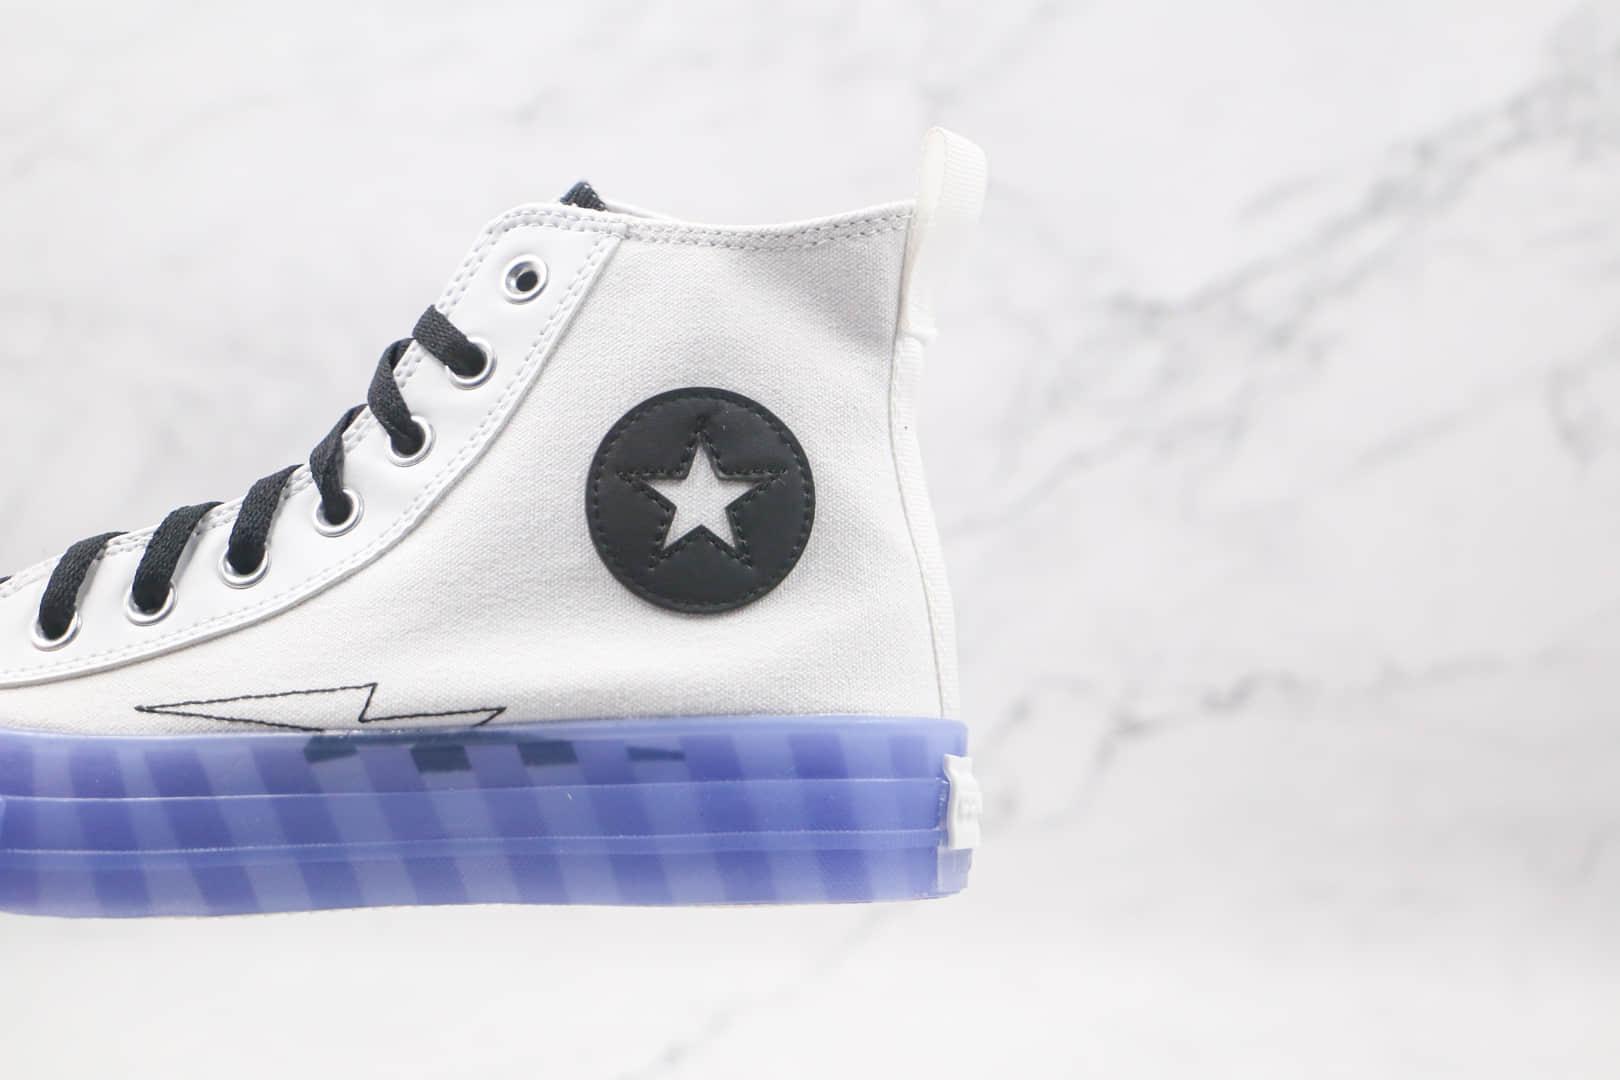 匡威CONVERSE ALL STAR 2021公司级版本高帮果冻透明底闪电白蓝黑帆布鞋2021春季新款 货号:169468C